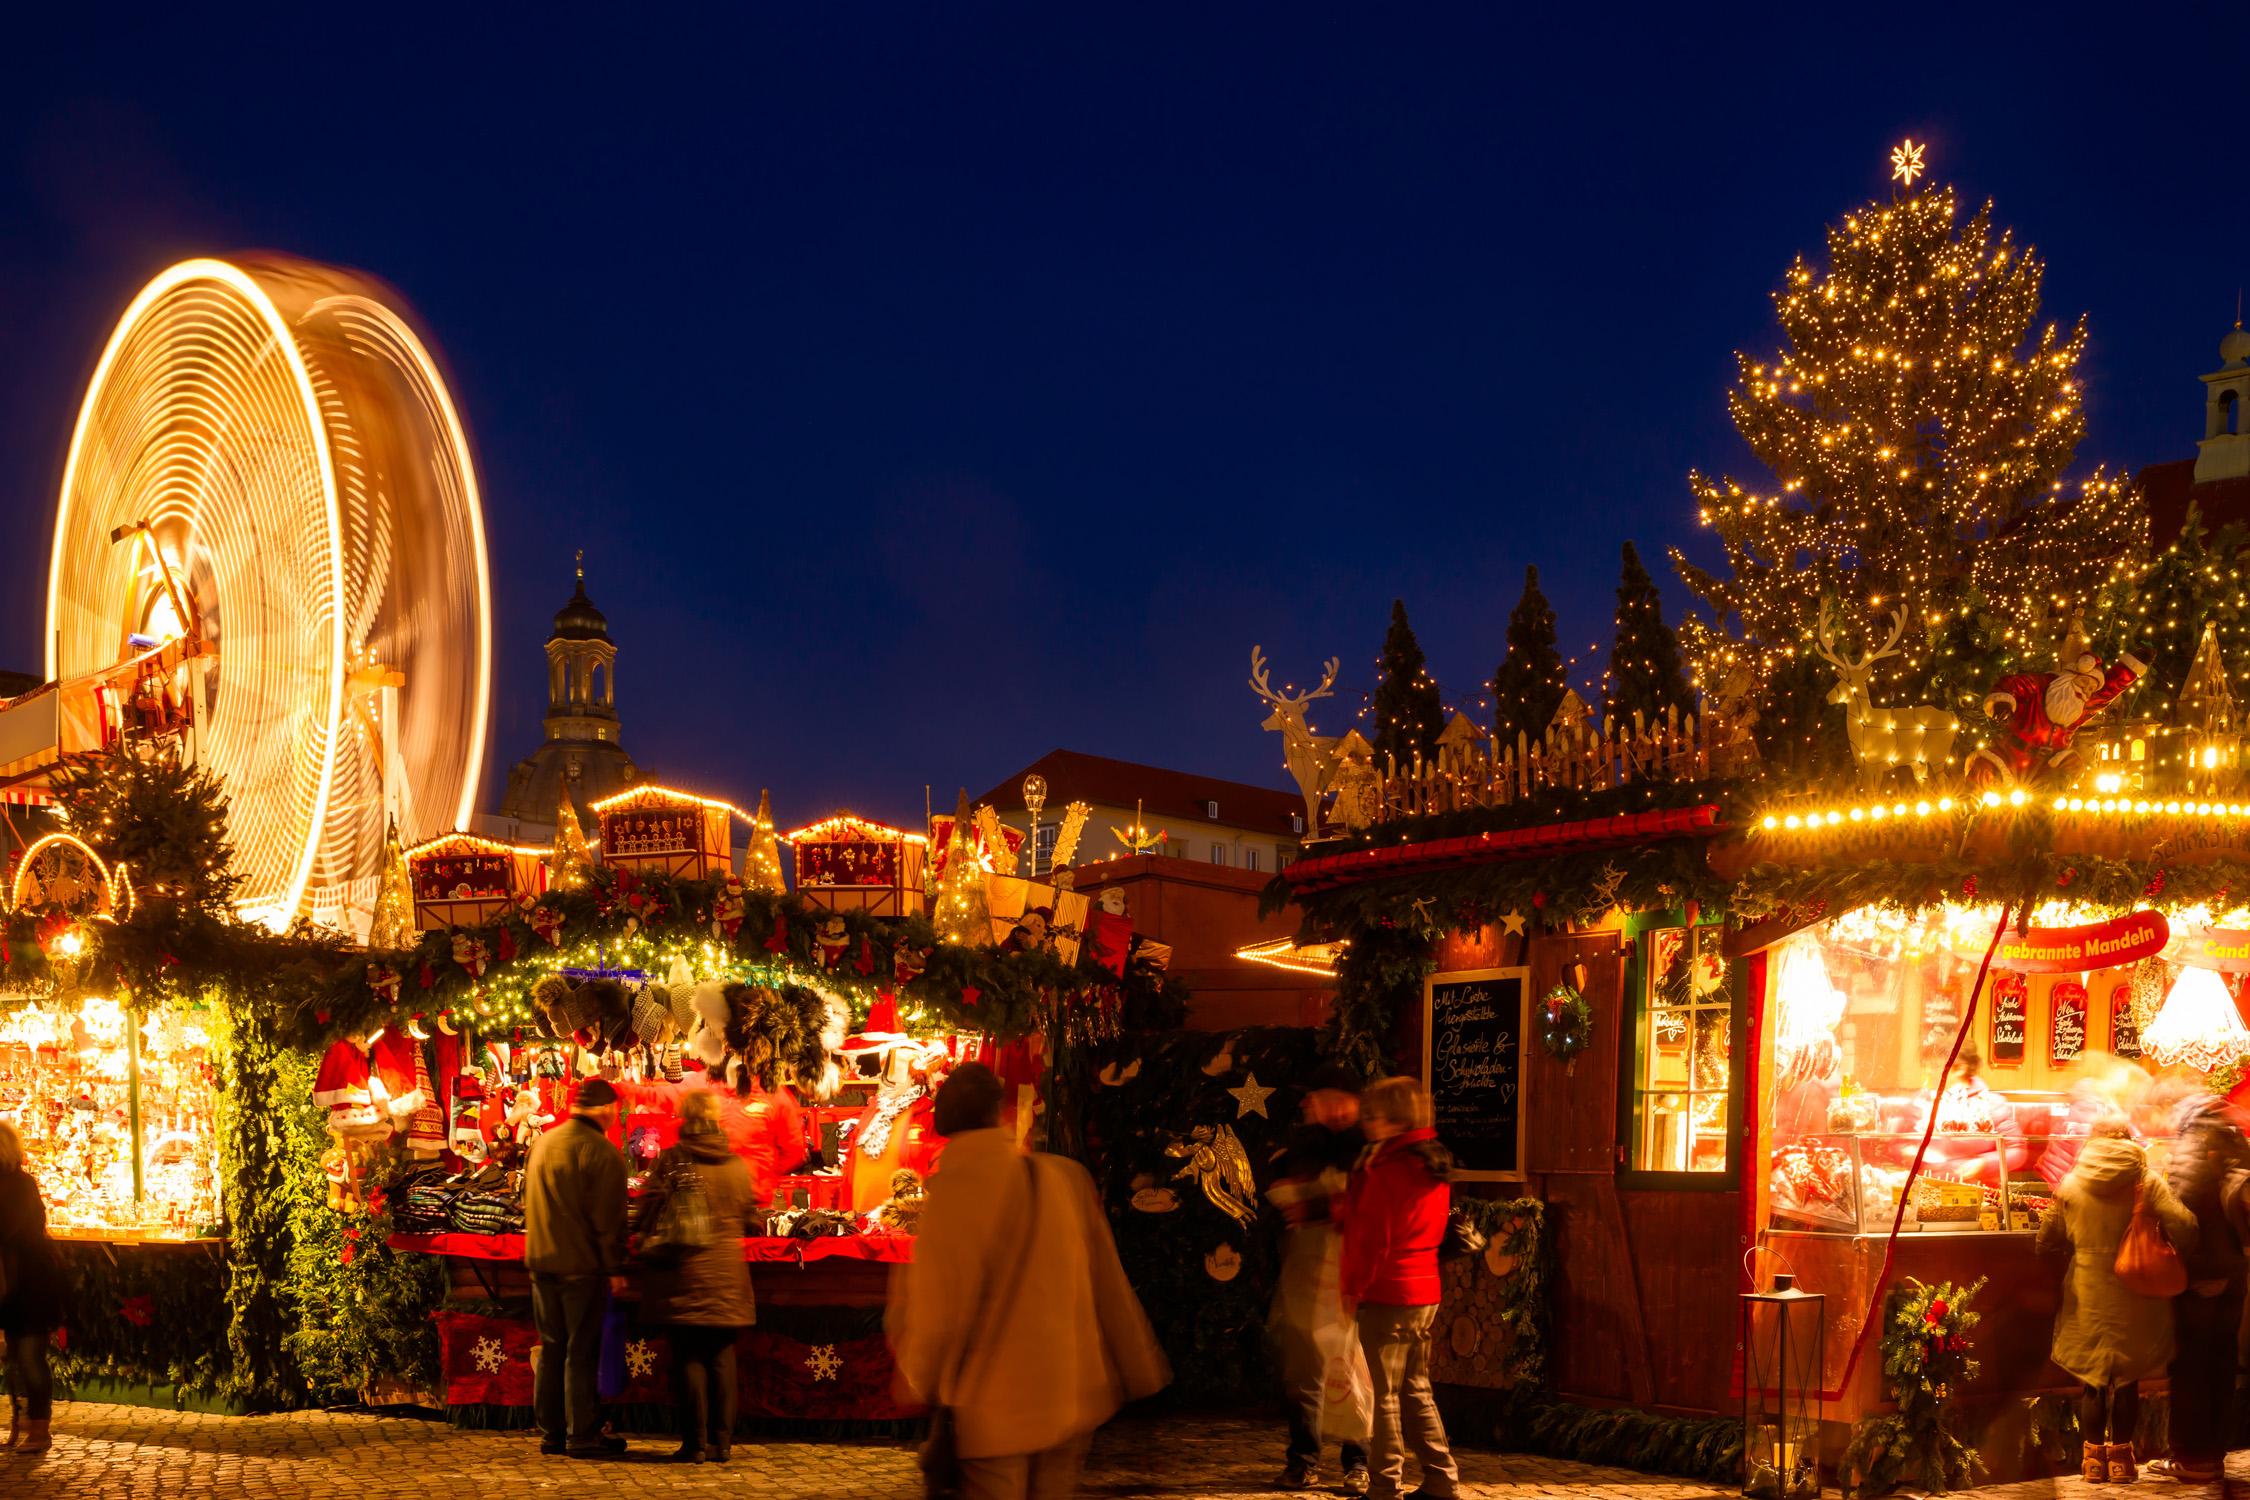 Weihnachtsmarkt In Dresden.Weihnachtsmarkt In Dresden 2 Tage Im 4 5 Hotel Mit Gratis Minibar